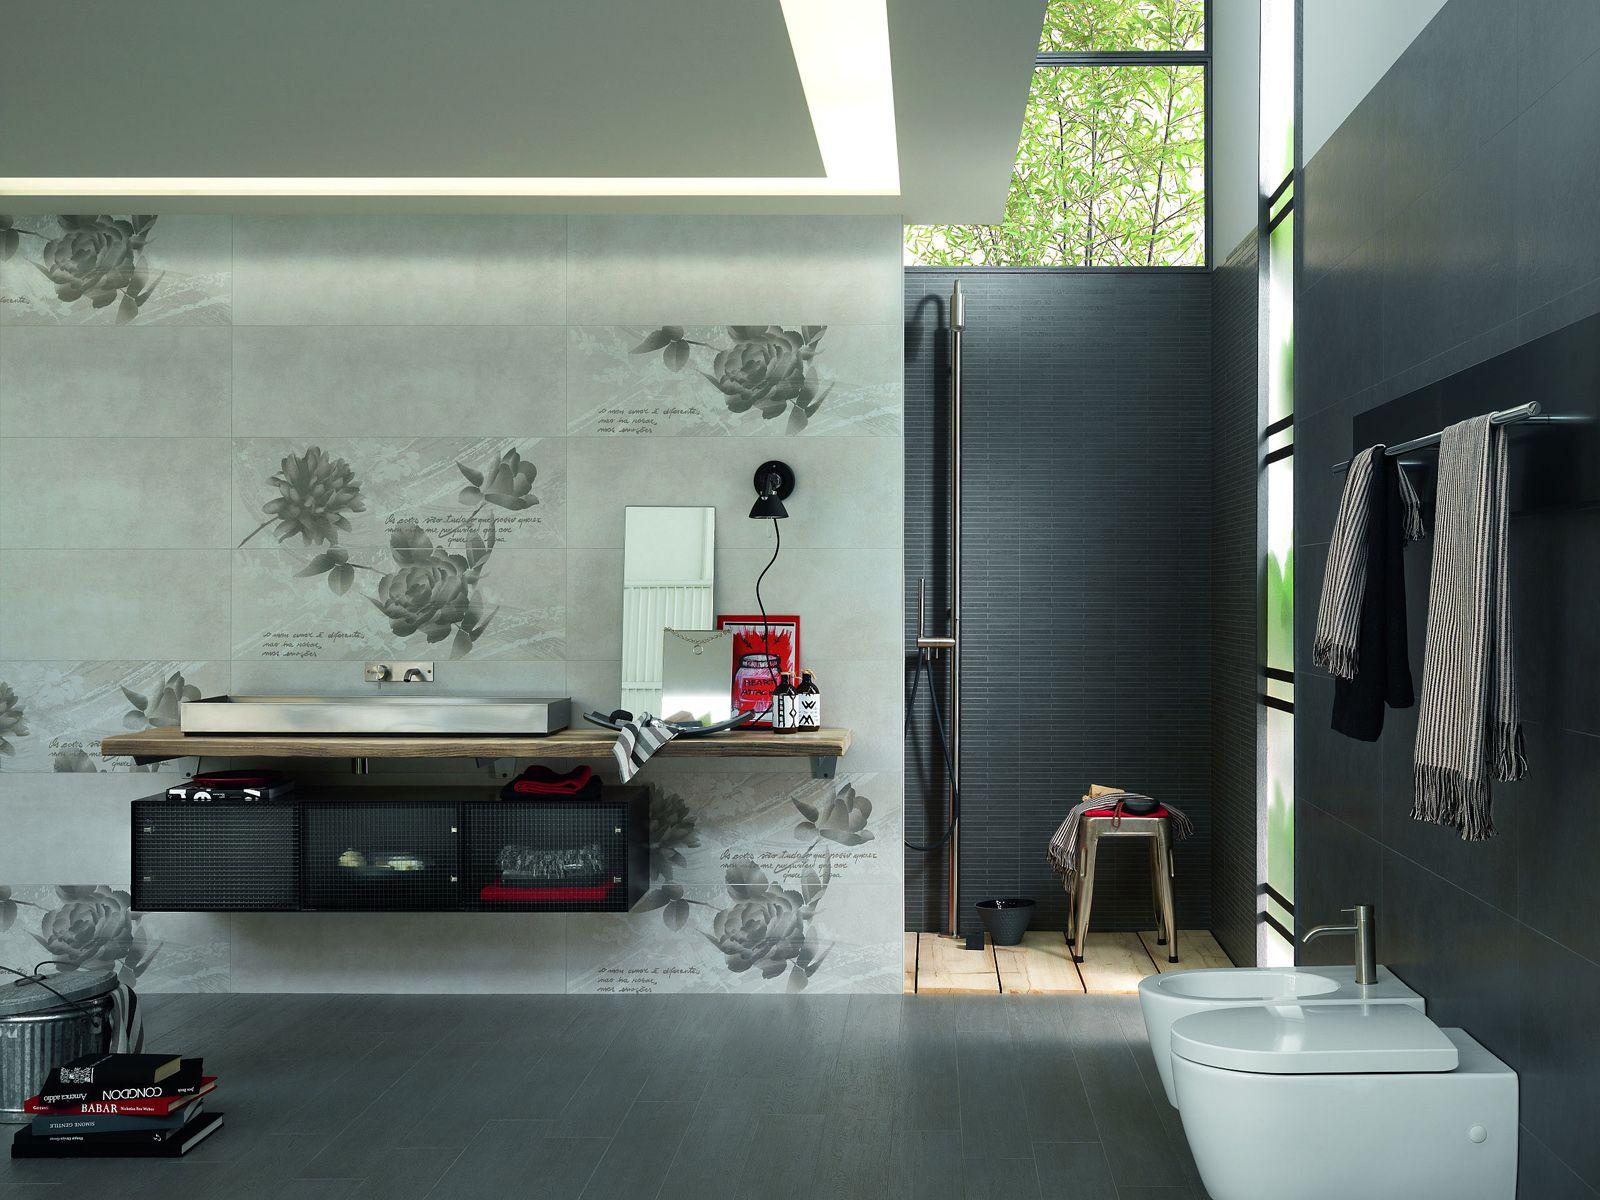 Piastrelle per il bagno: tre stili diversi - Cose di Casa ...